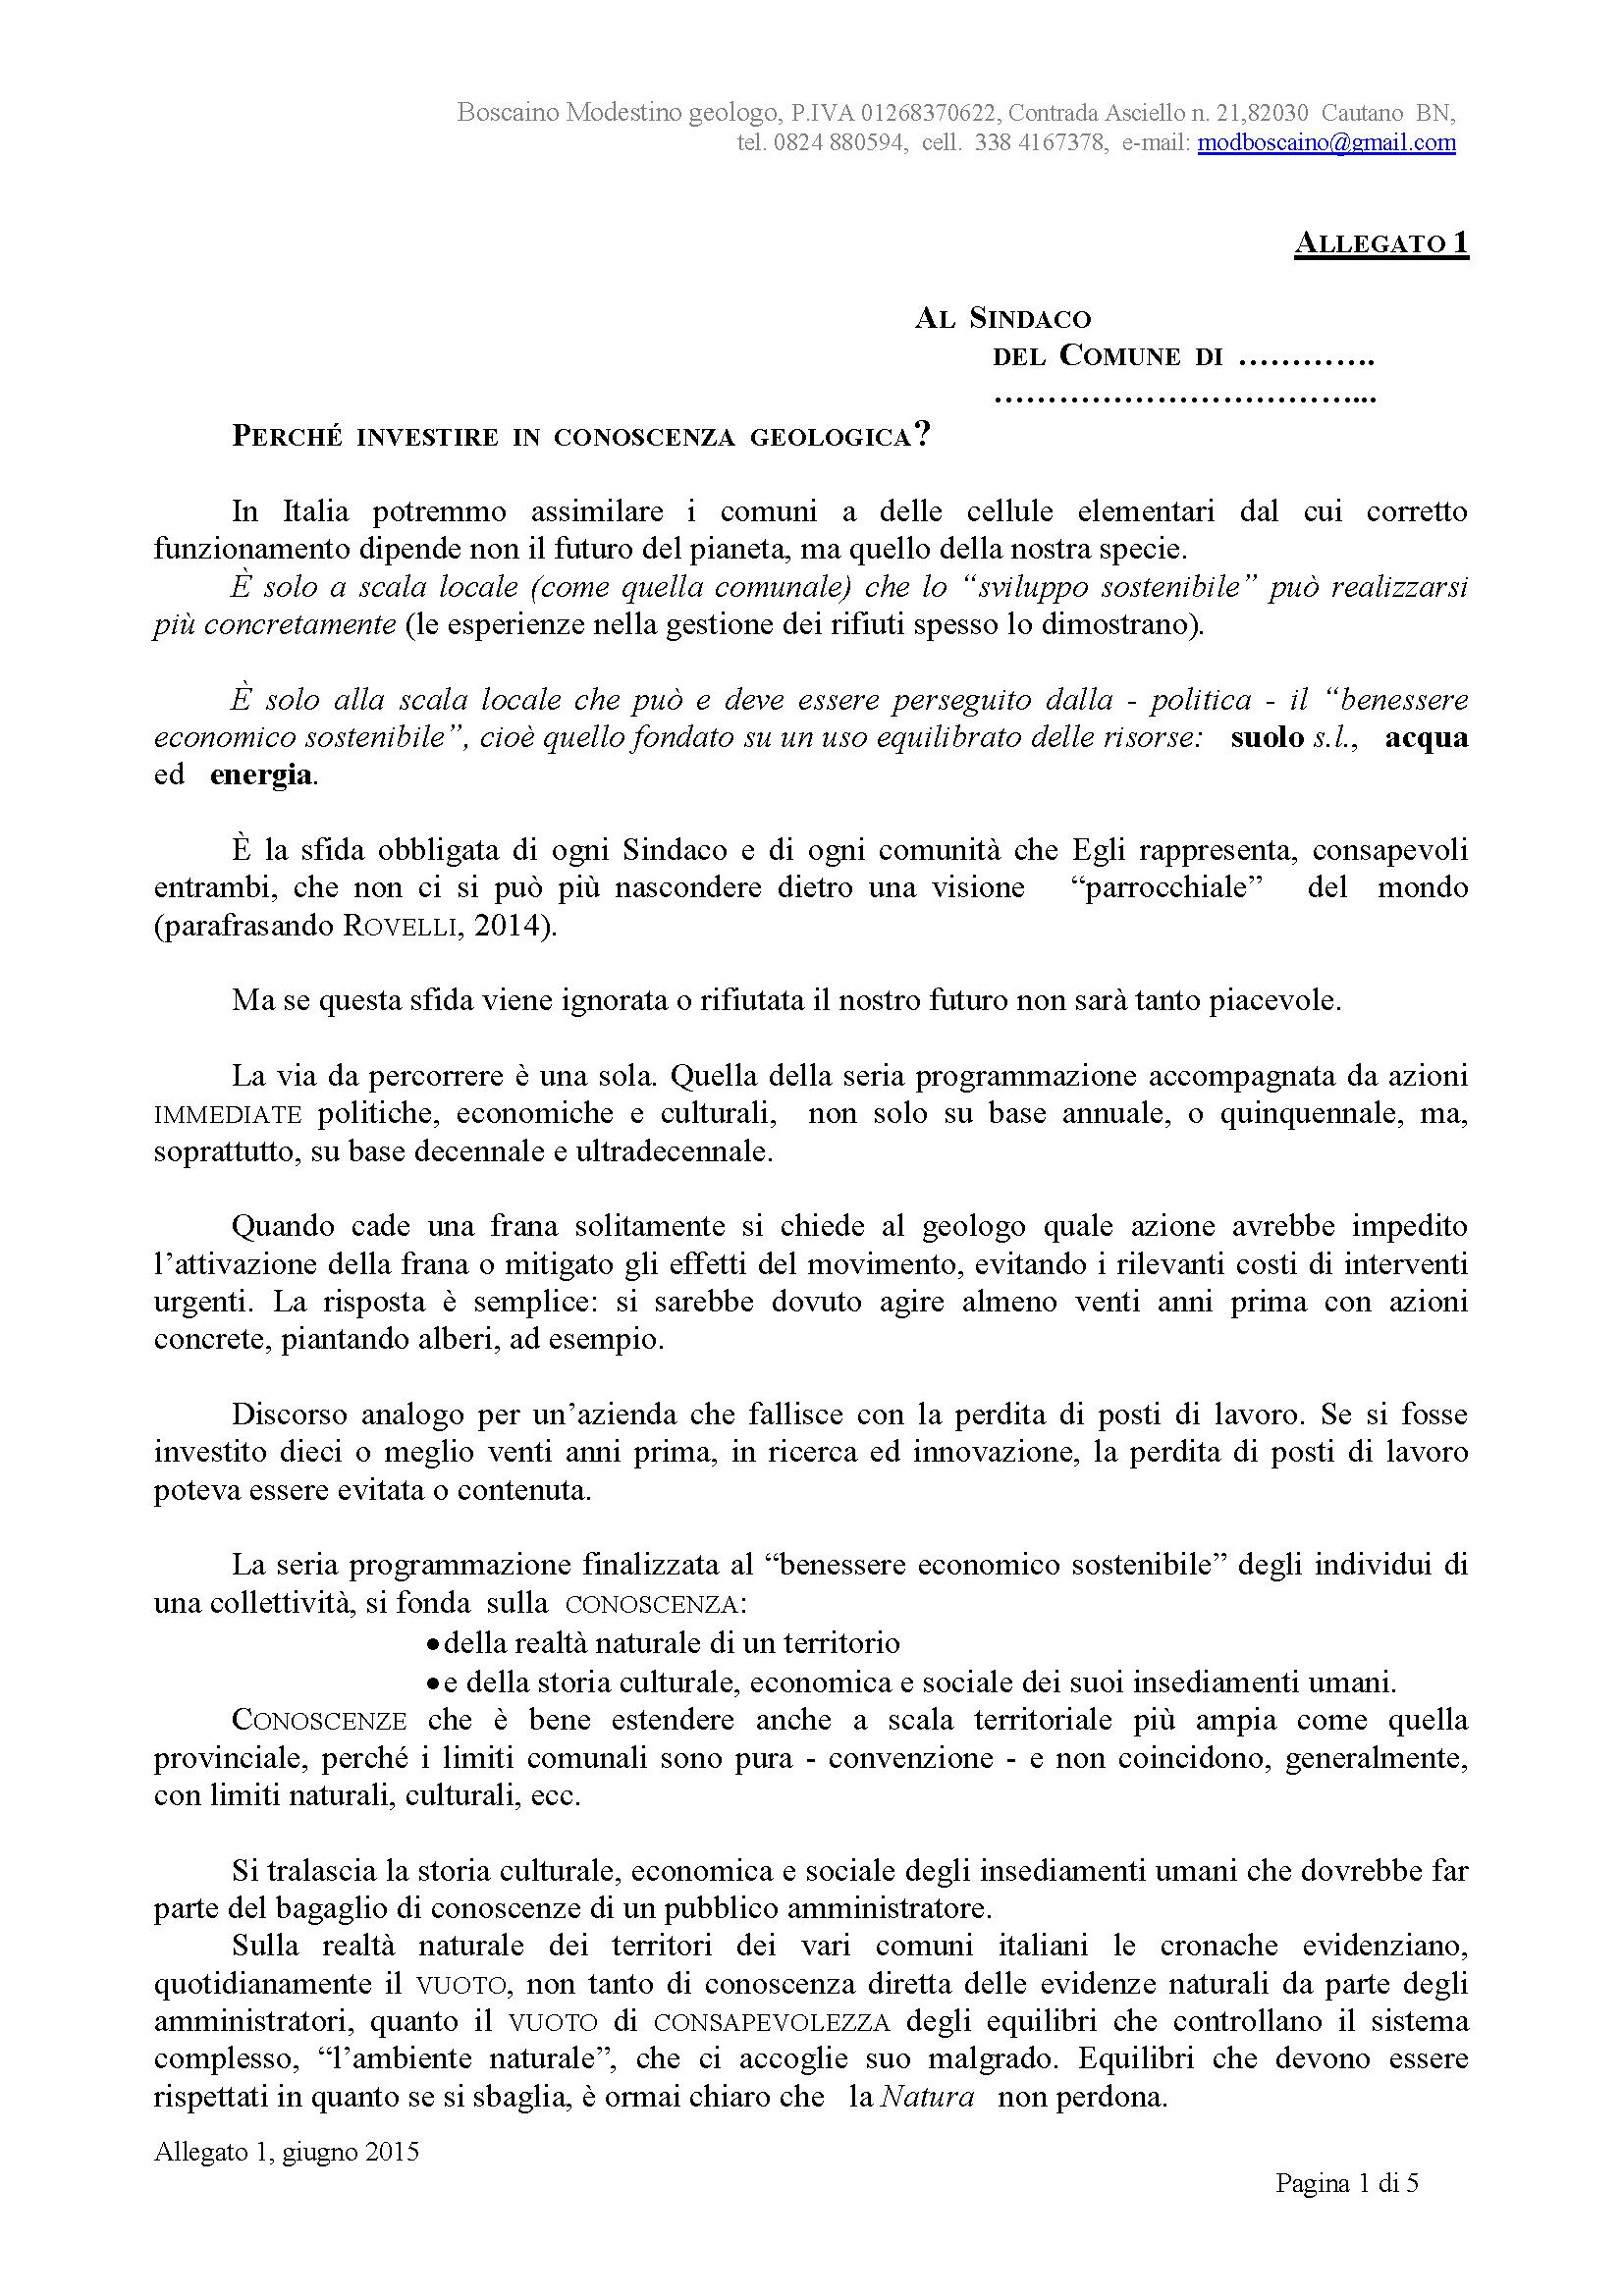 Allegato-2-Appello-ANL-2015_Pagina_4